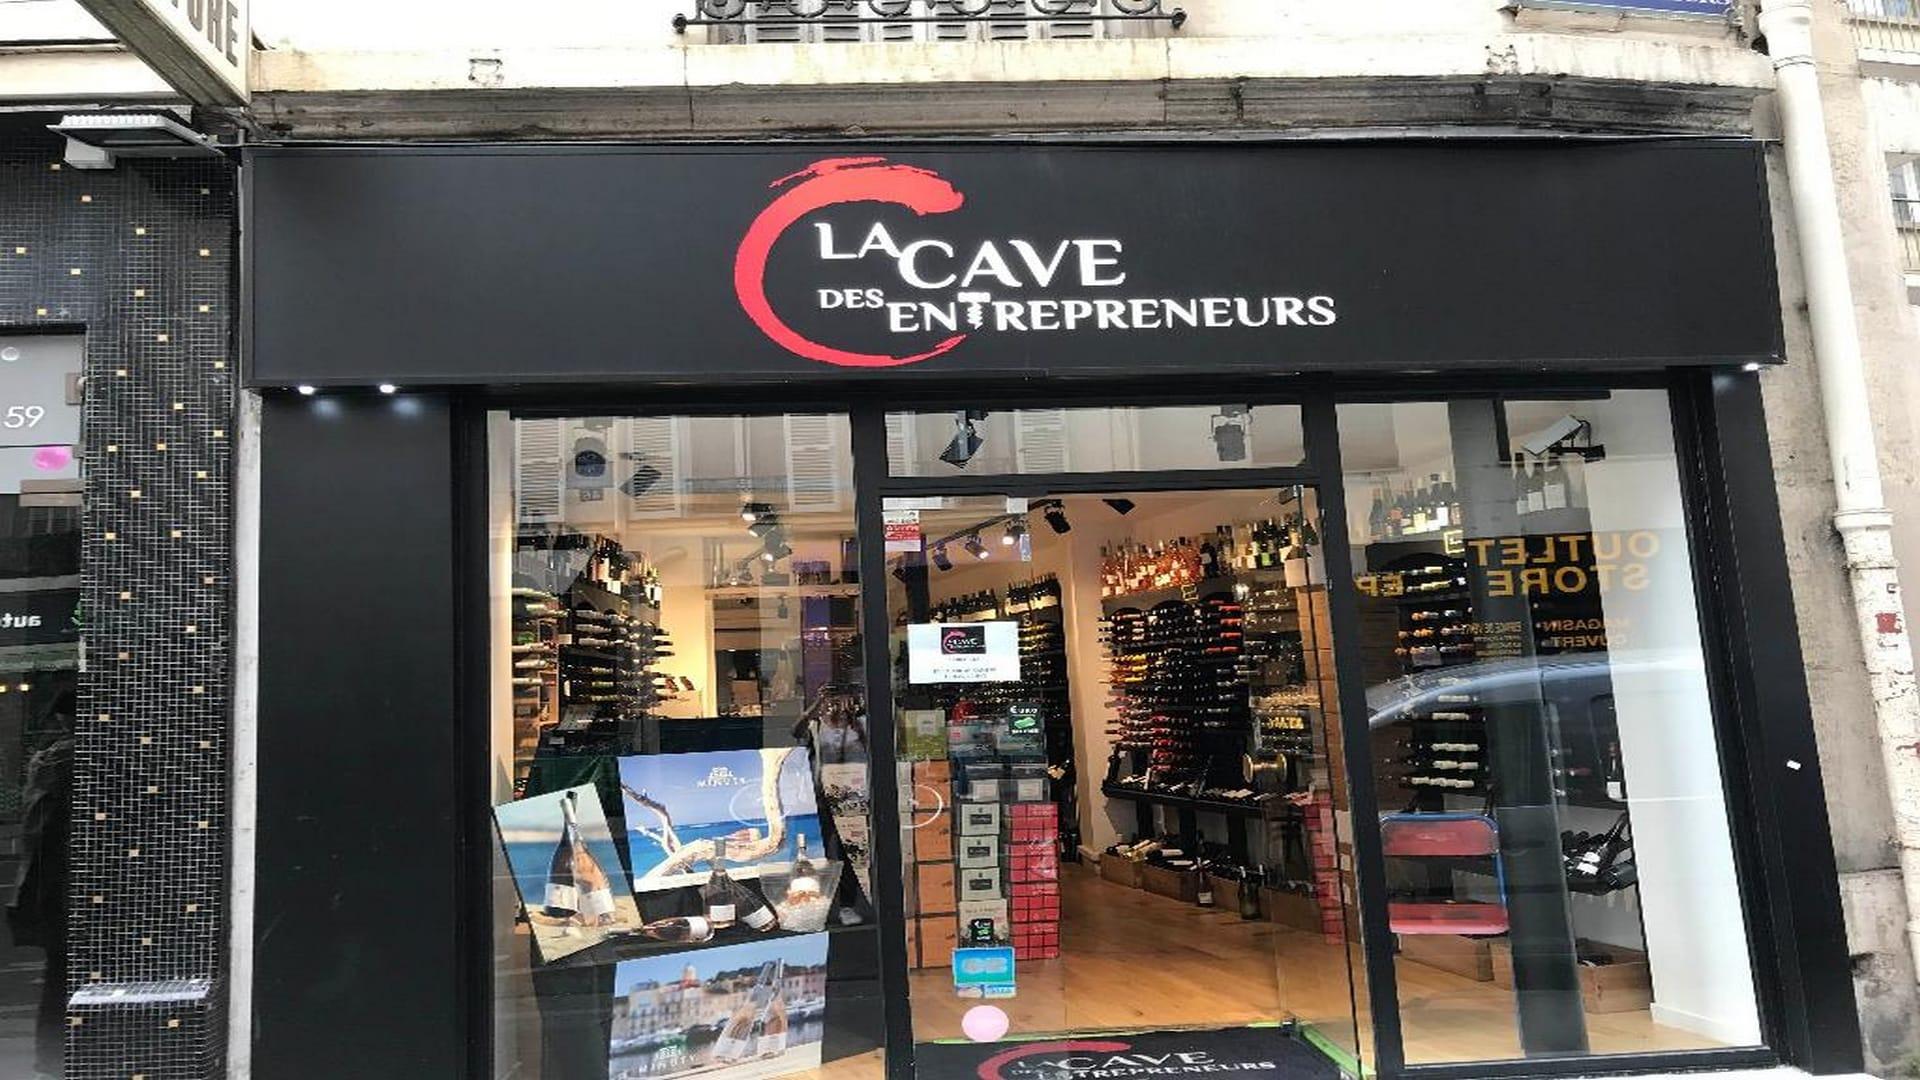 La Cave des Entrepreneurs